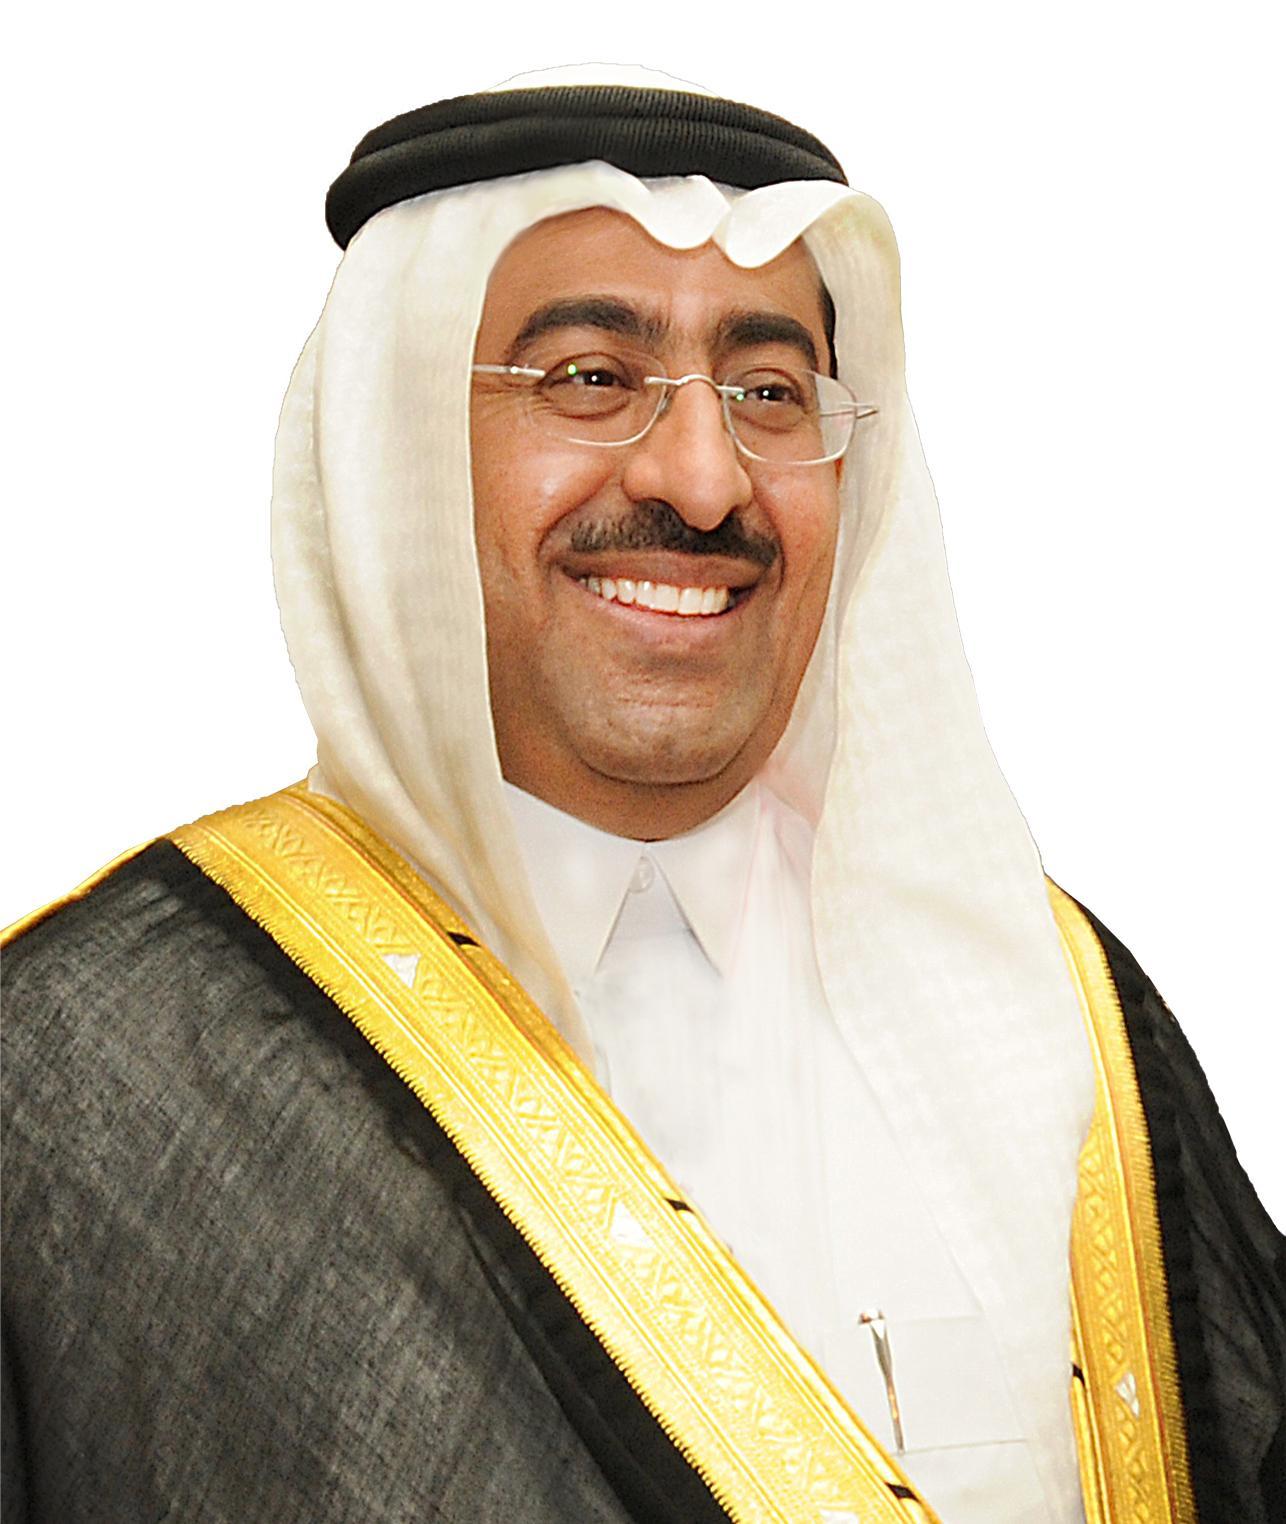 General Supervisor's Image